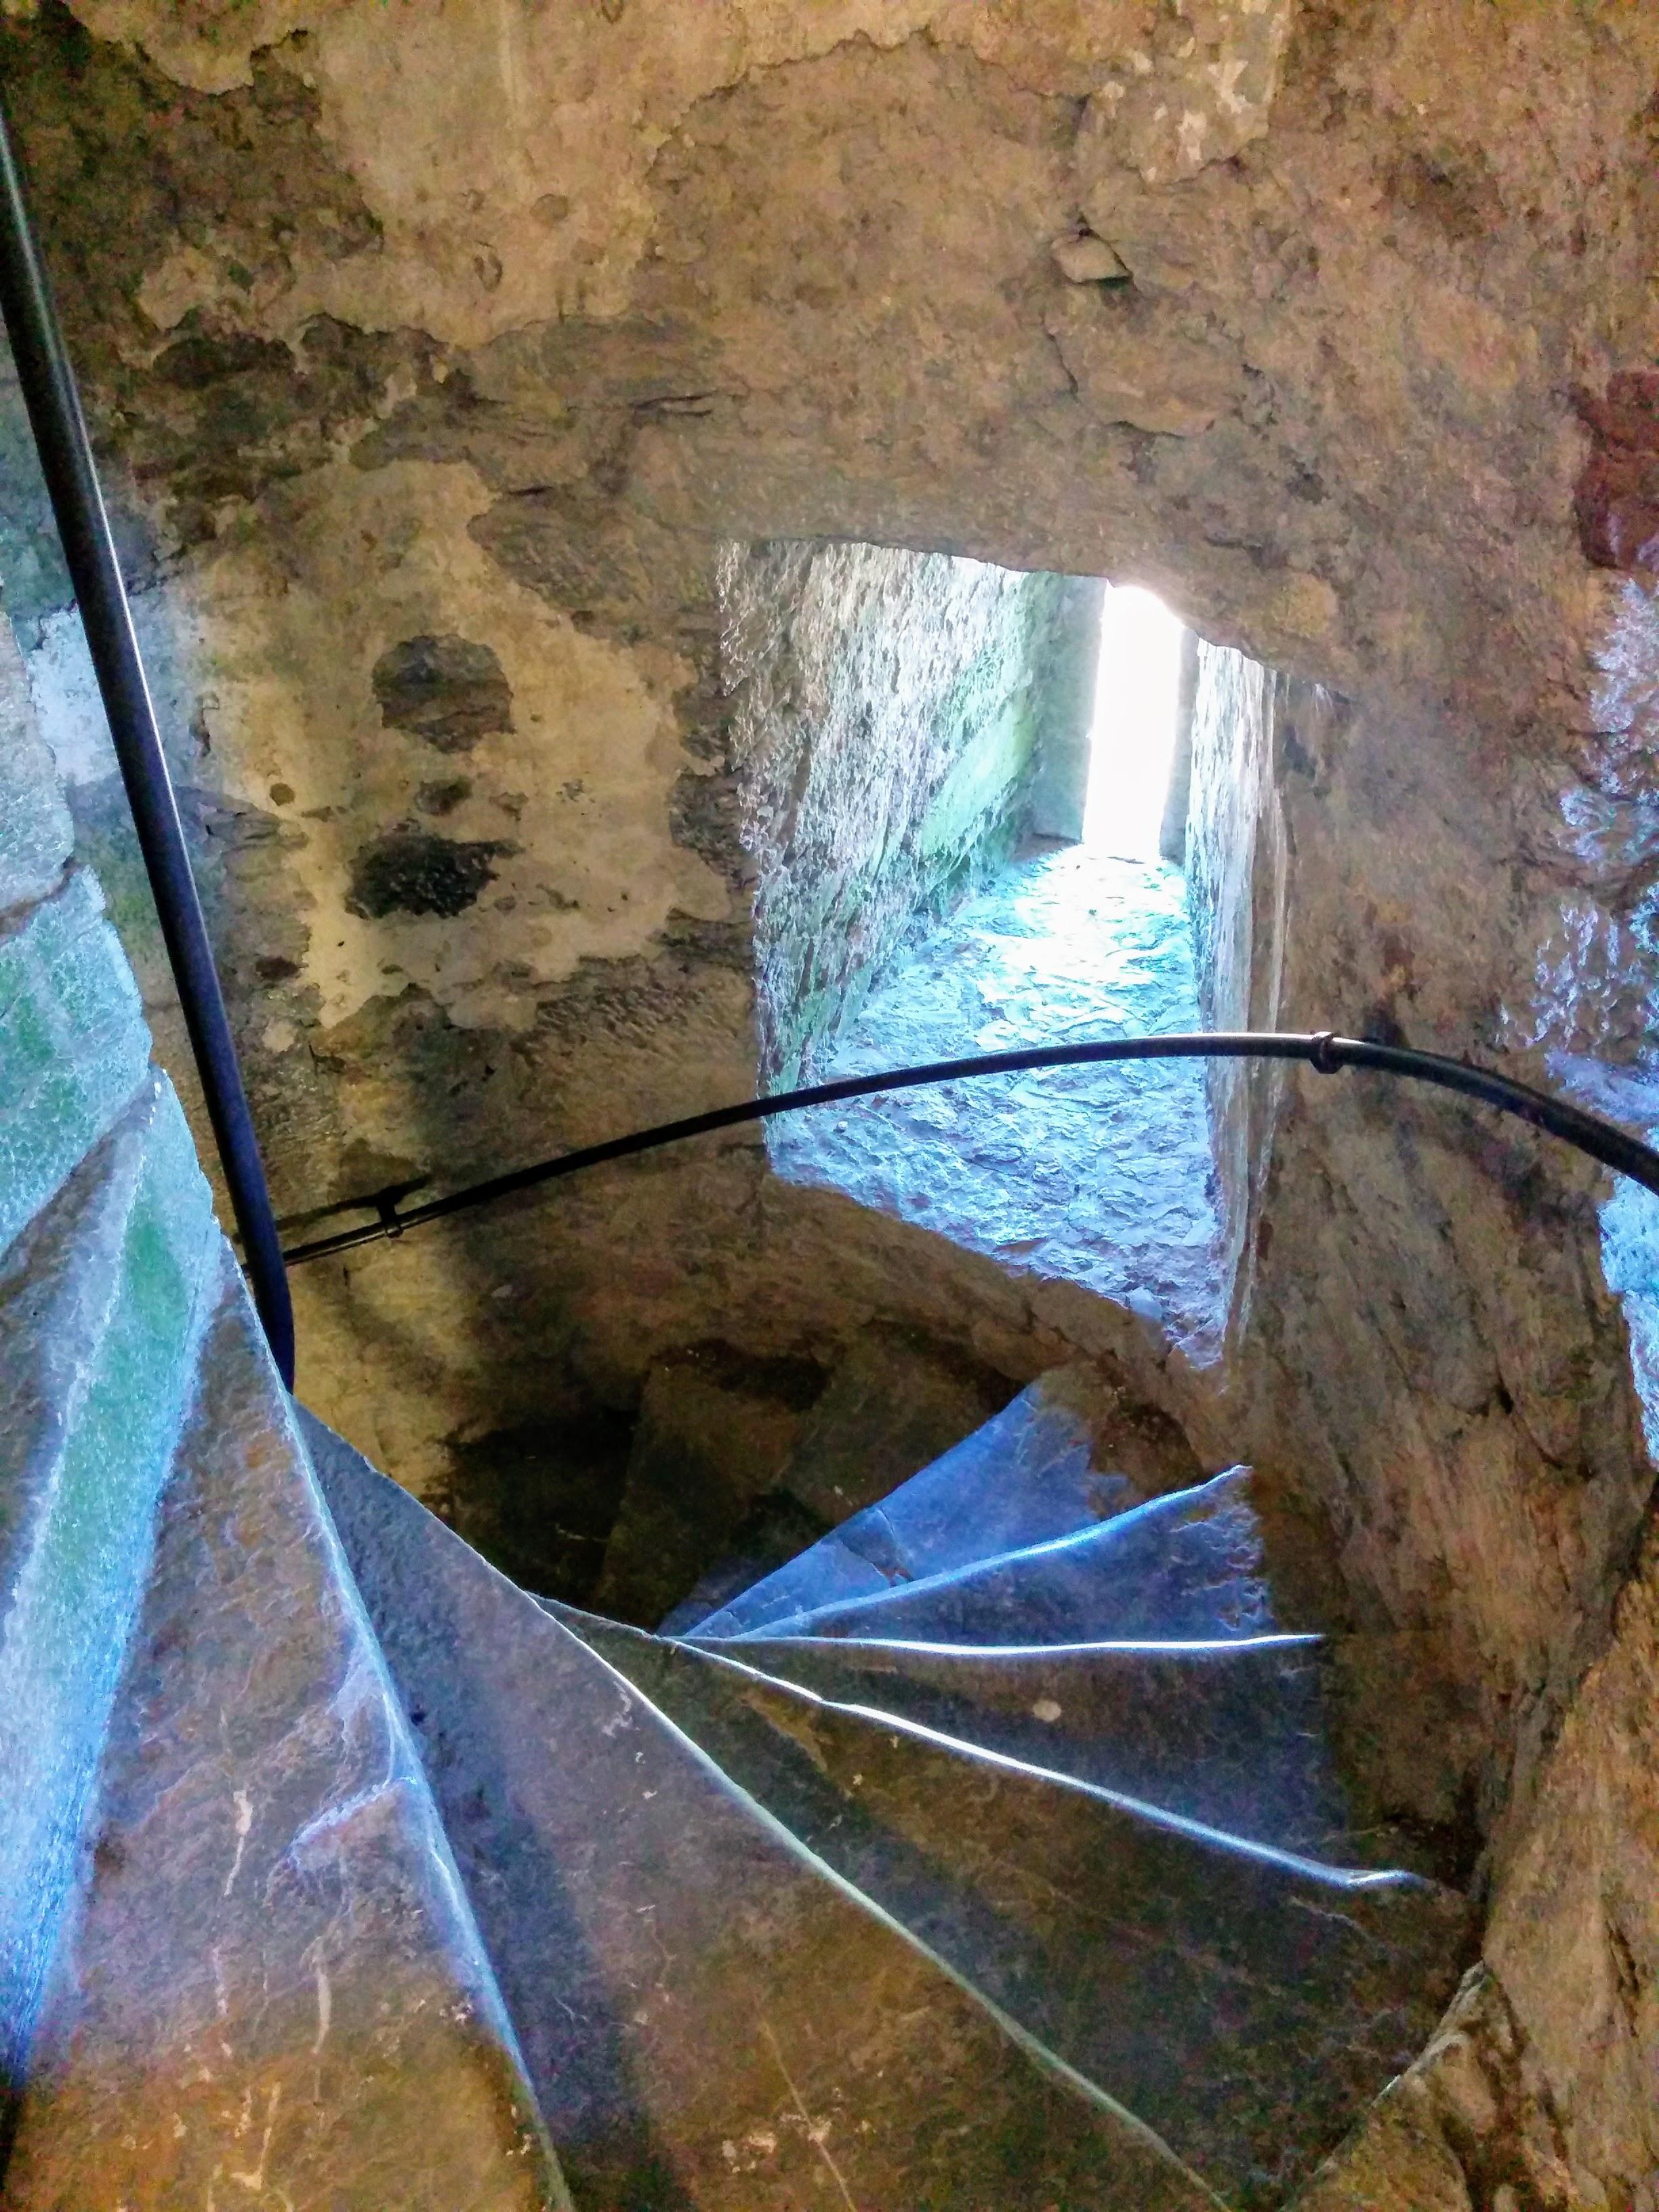 Winding stair case in Blarney Castle